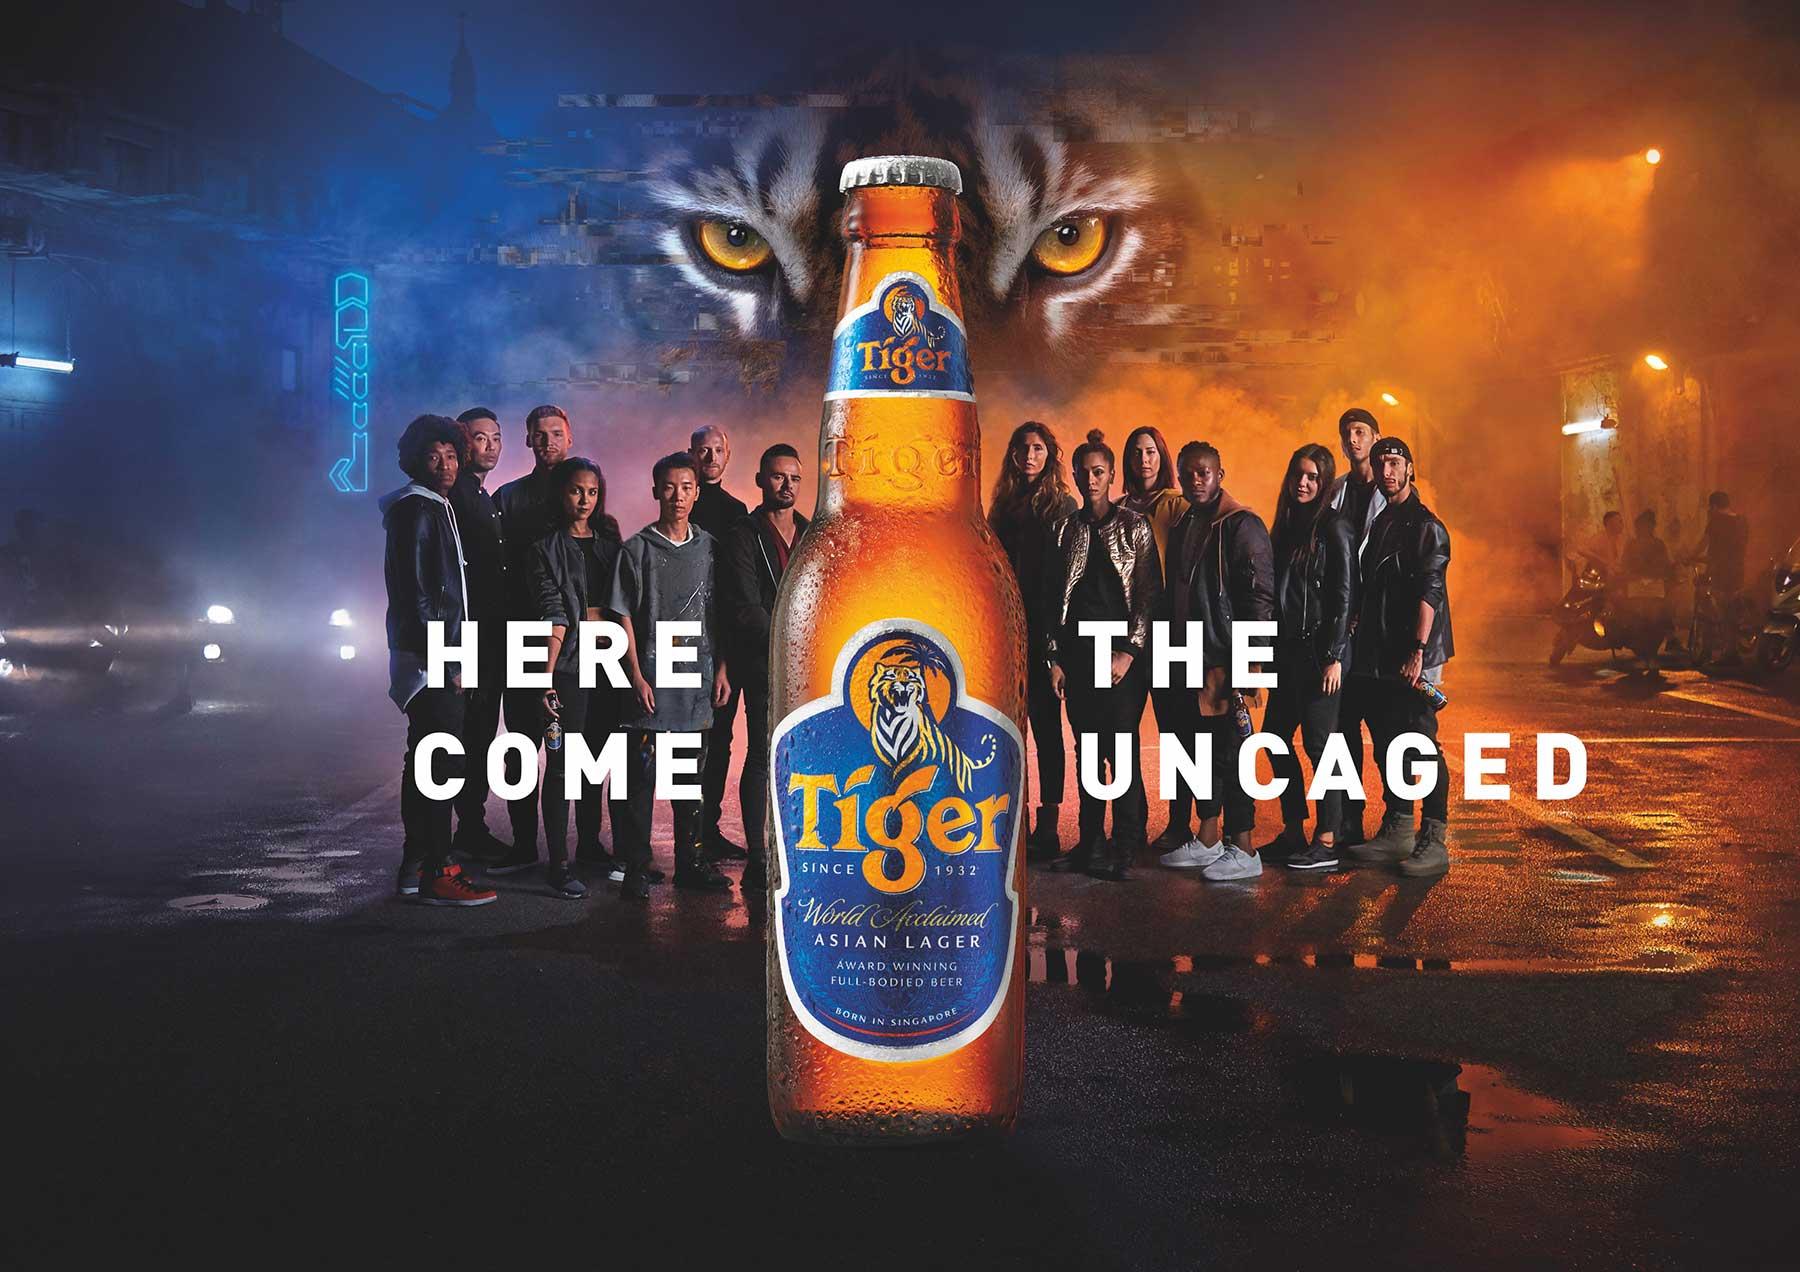 The Uncaged: Unterstützt aufstrebende Jungkünstler bei ihren Projekten Tiger-Beer-The-Uncaged_10